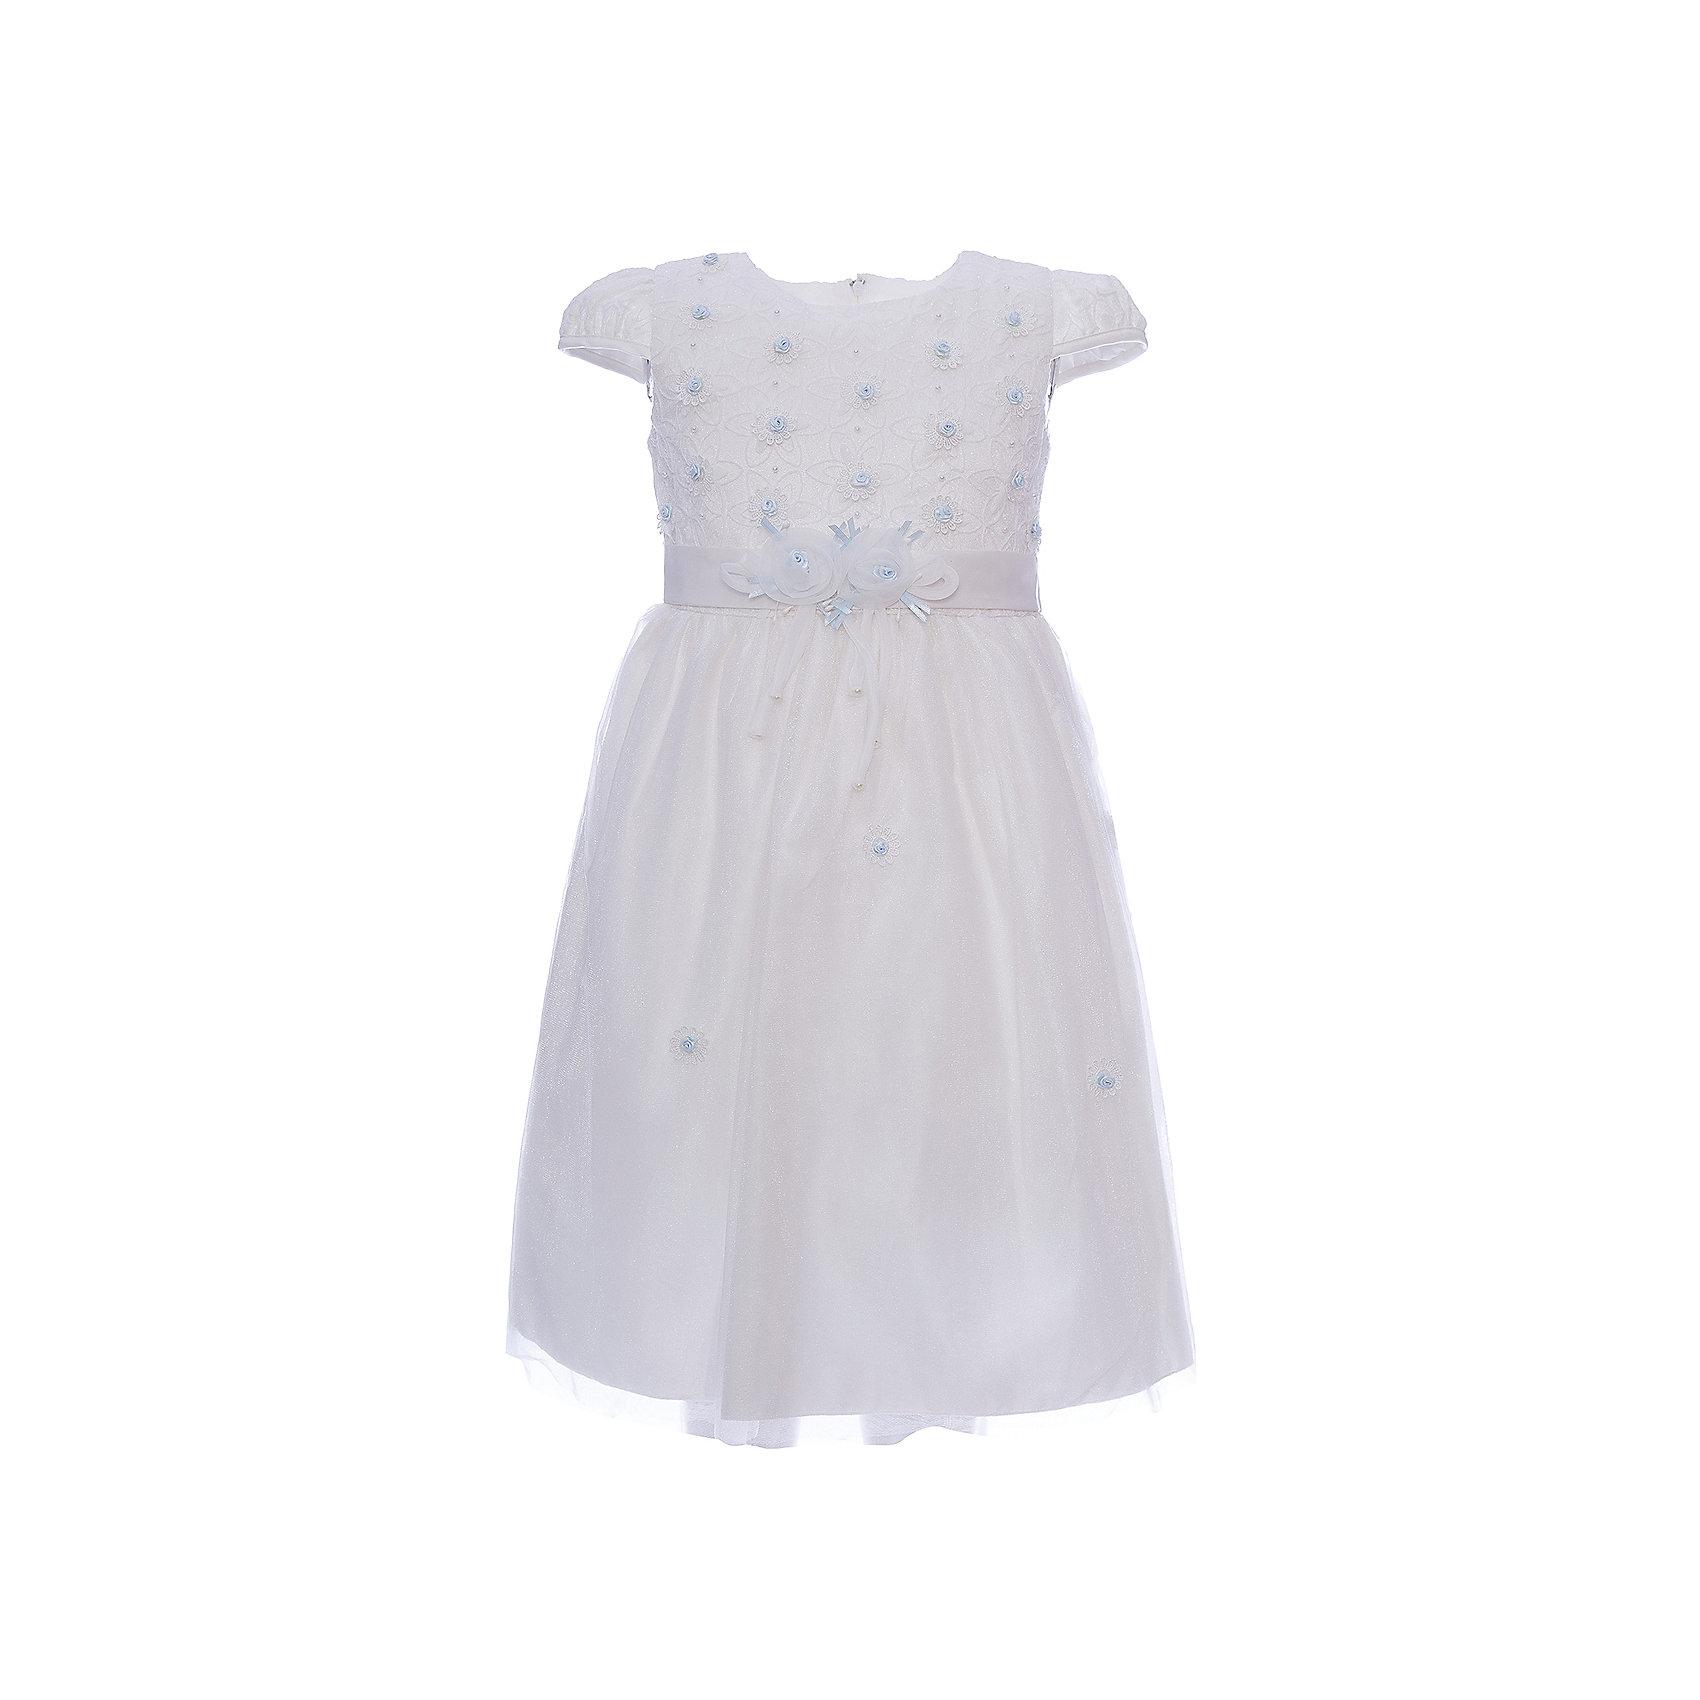 Нарядное платье для девочки VitacciПлатье для девочки от известного бренда Vitacci.<br>Очаровательное платье для маленькой принцессы. Модель отрезная по линии талии,с застёжкой молнией на спинке.<br>Состав:<br>100% полиэстер<br><br>Ширина мм: 236<br>Глубина мм: 16<br>Высота мм: 184<br>Вес г: 177<br>Цвет: бело-розовый<br>Возраст от месяцев: 72<br>Возраст до месяцев: 84<br>Пол: Женский<br>Возраст: Детский<br>Размер: 120,90,100,80,110<br>SKU: 4956091